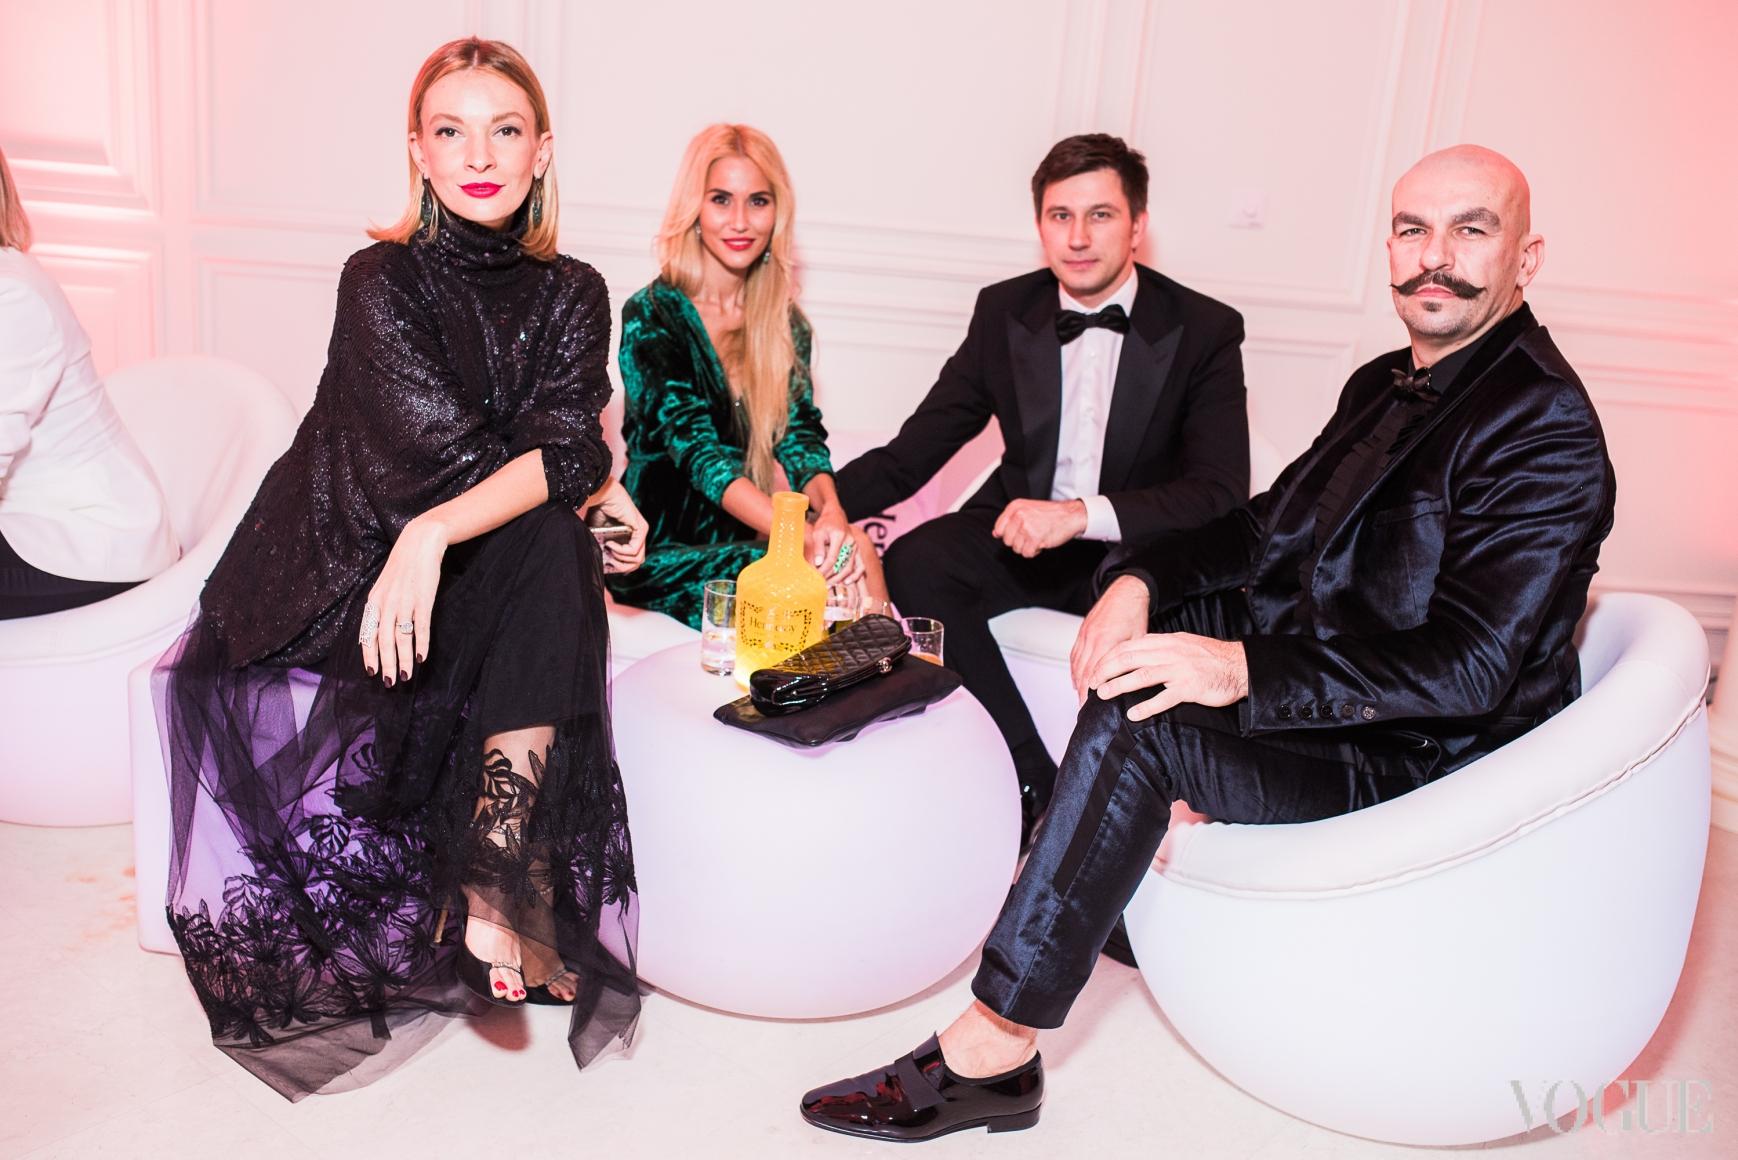 Полина Неня, Елизавета и Владимир Ядловские, Юрий Чернецкий